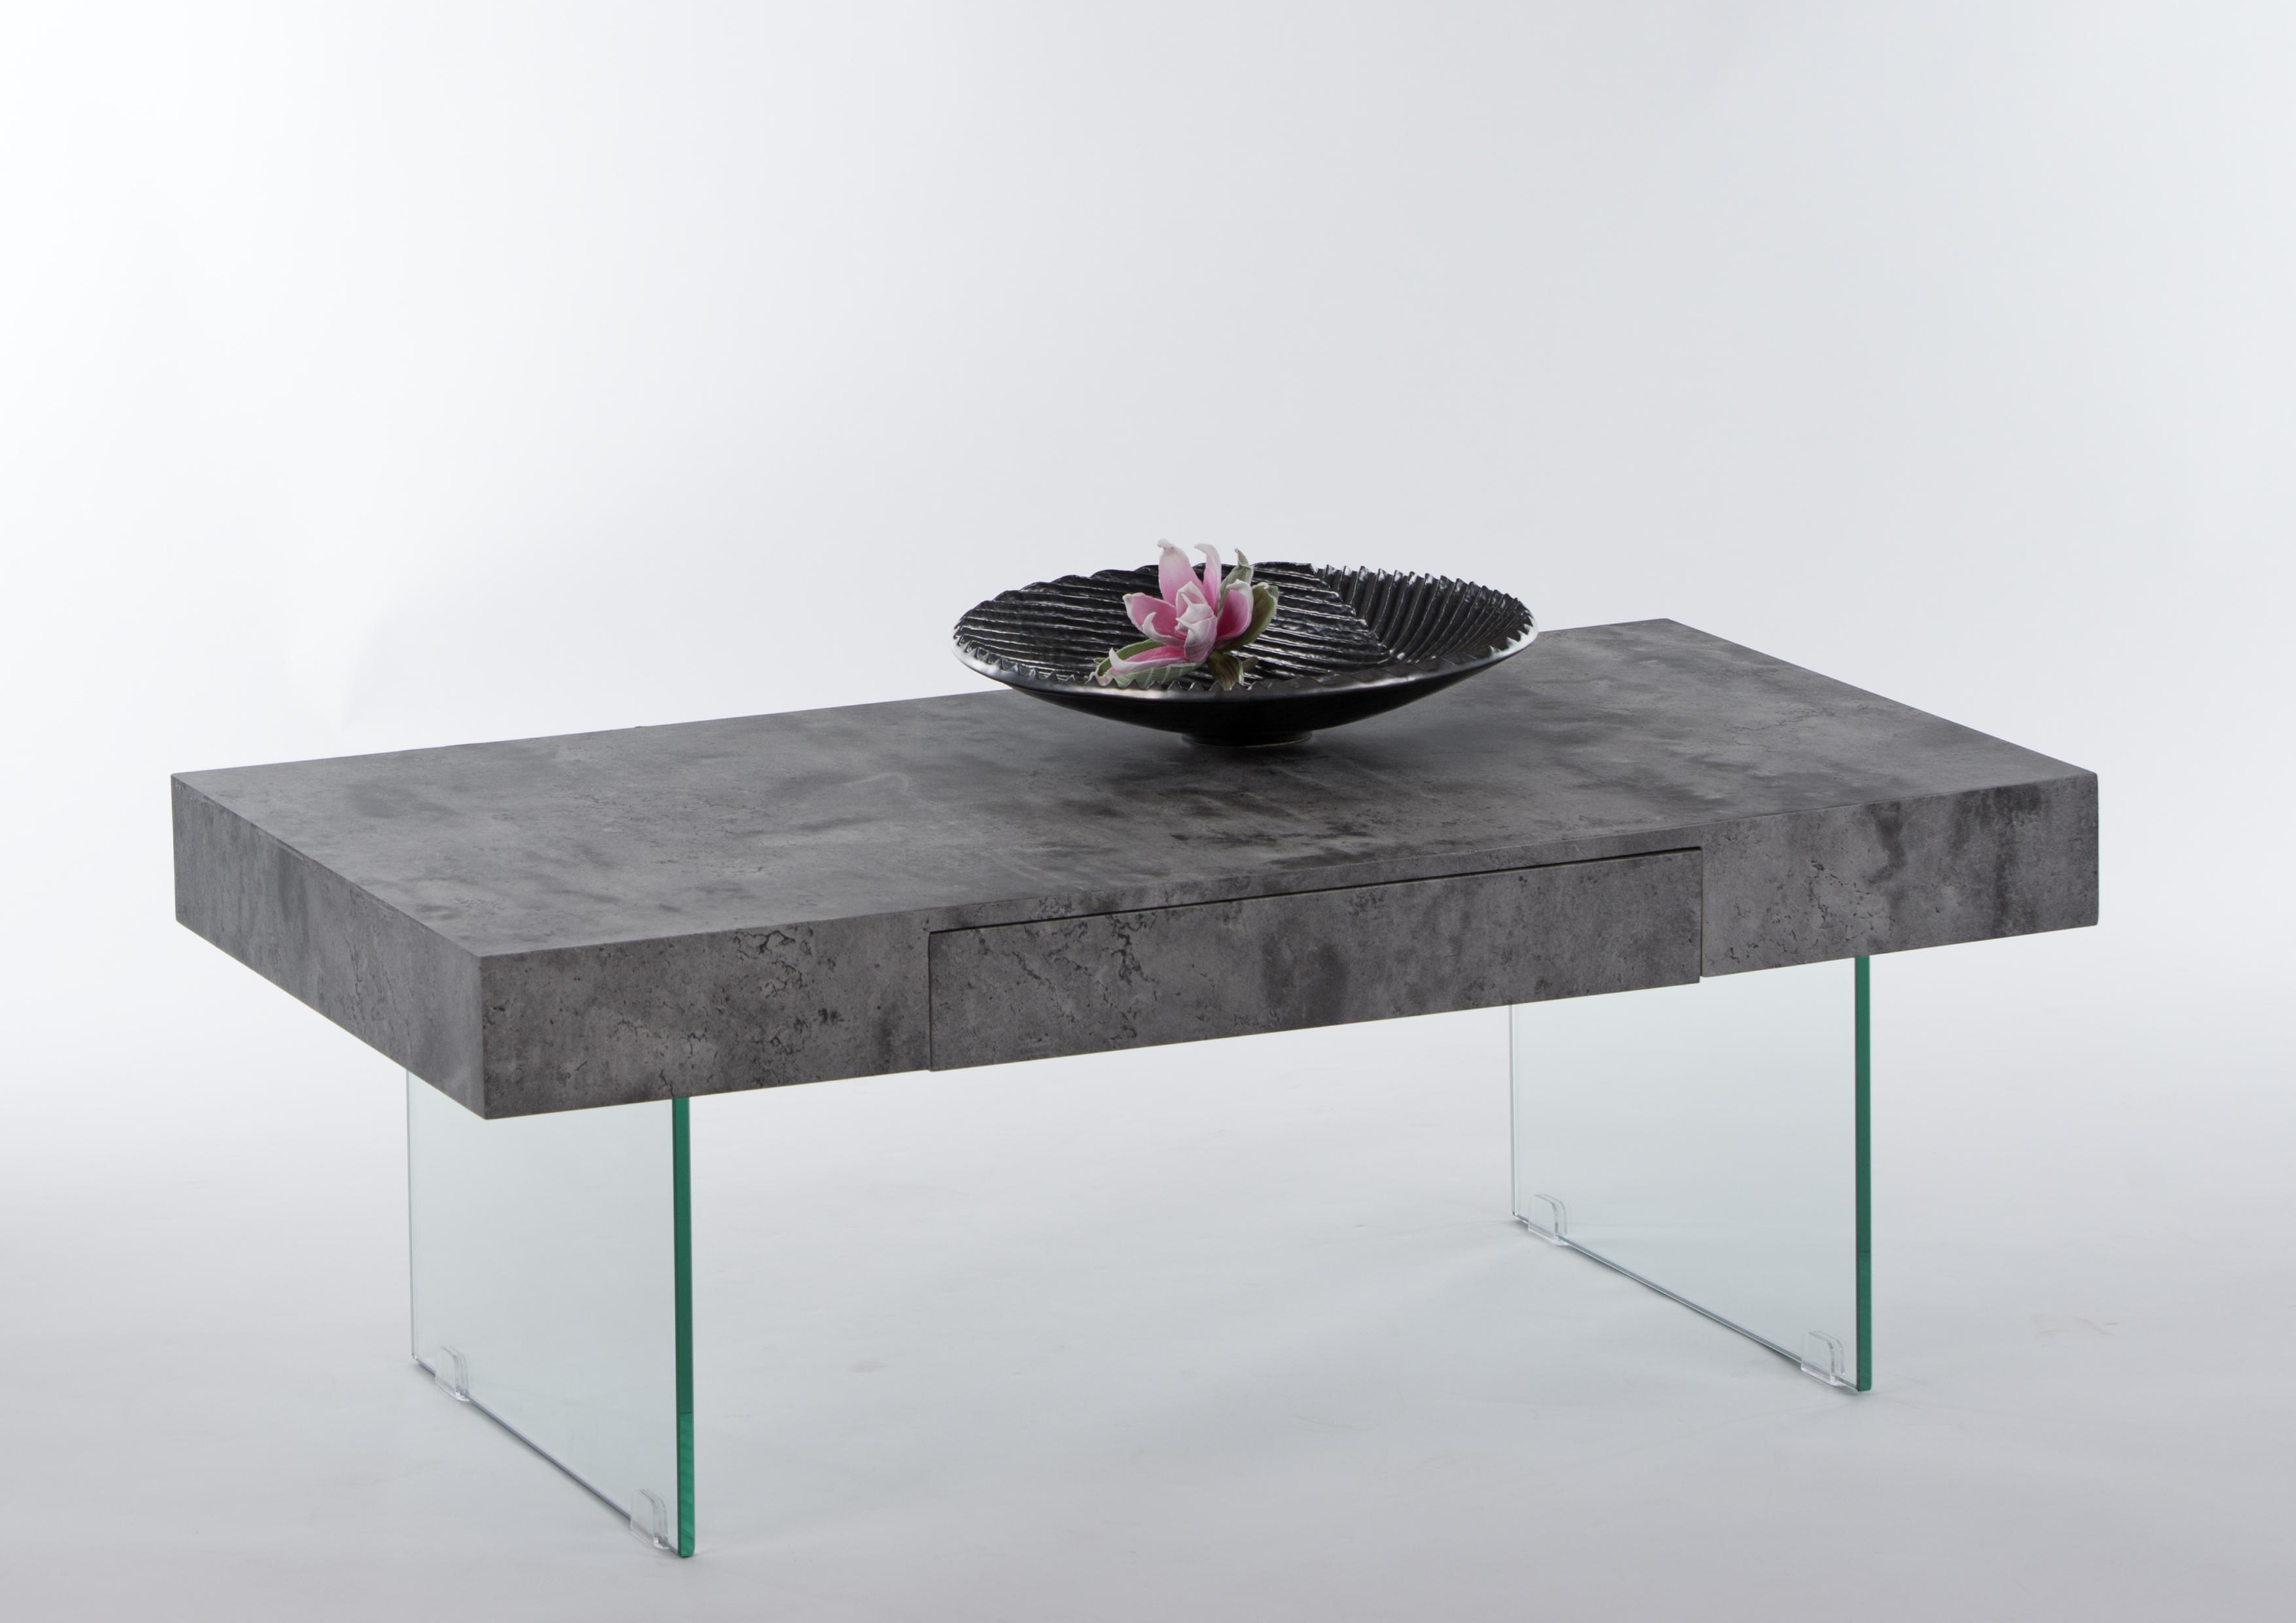 couchtisch inkl schubkasten daisy von stolkom beton. Black Bedroom Furniture Sets. Home Design Ideas